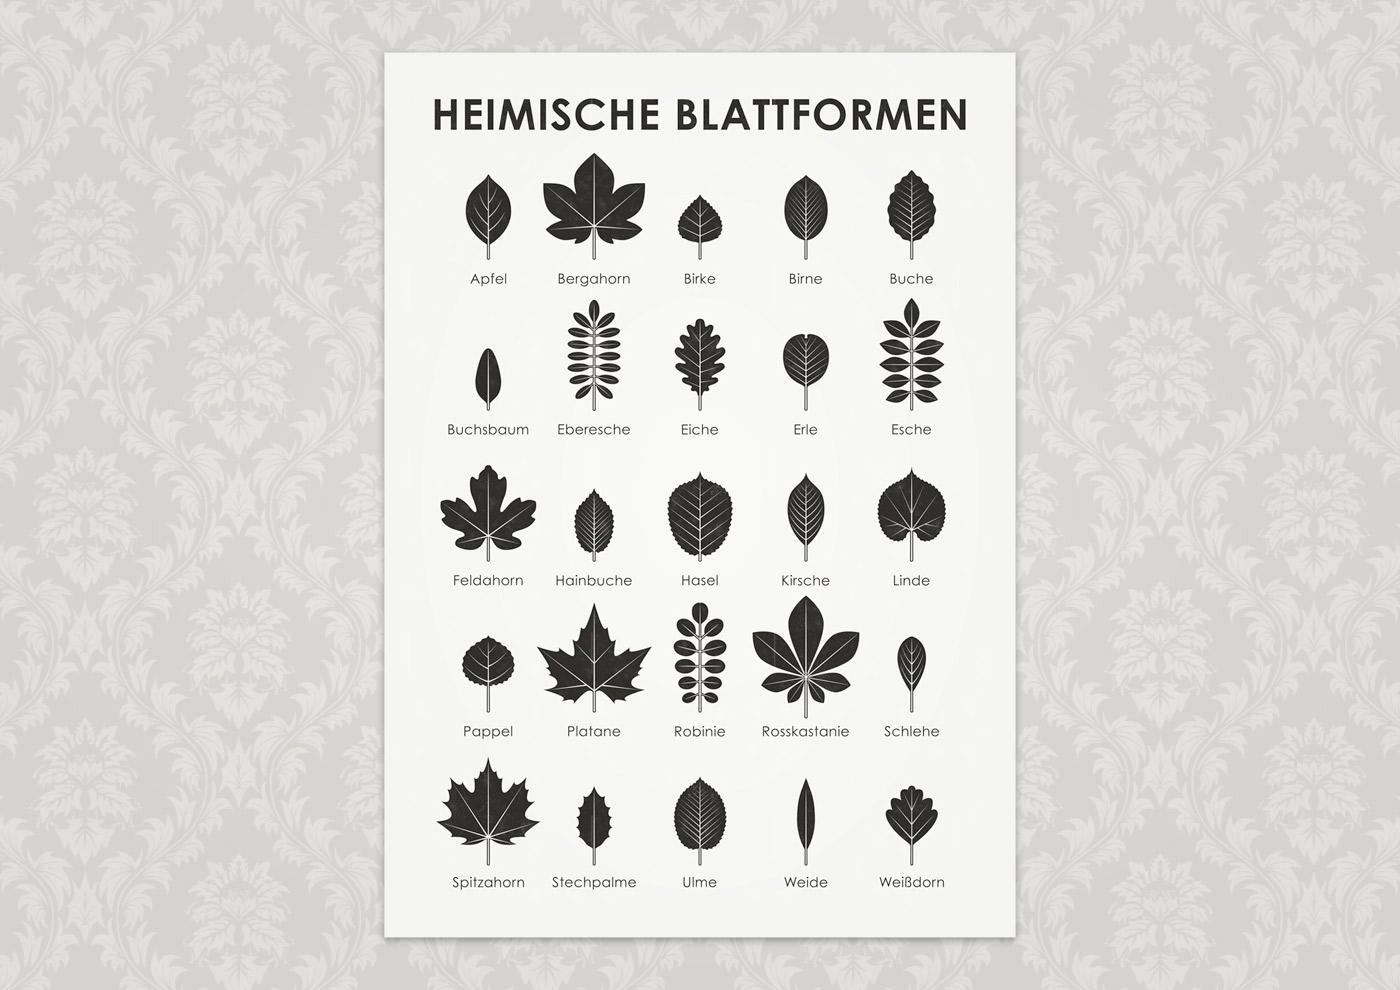 Poster mit Infografik zur Bestimmung heimischer Blattformen und Baumblätter